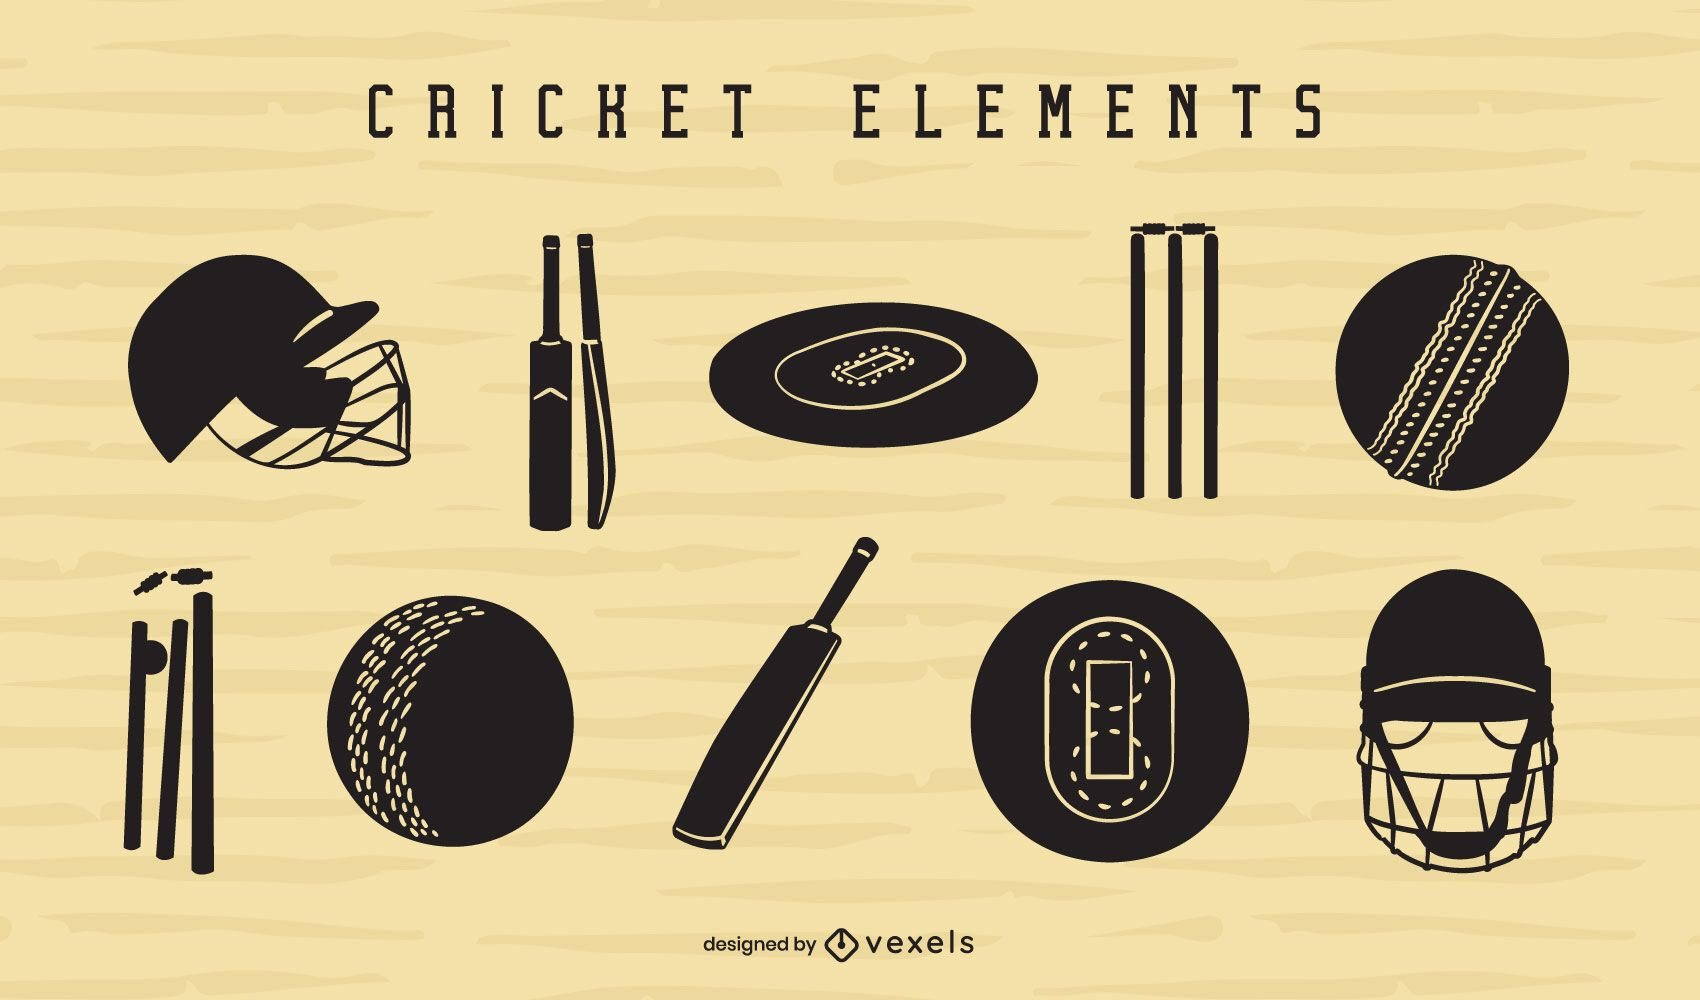 Cricket element cut-out set